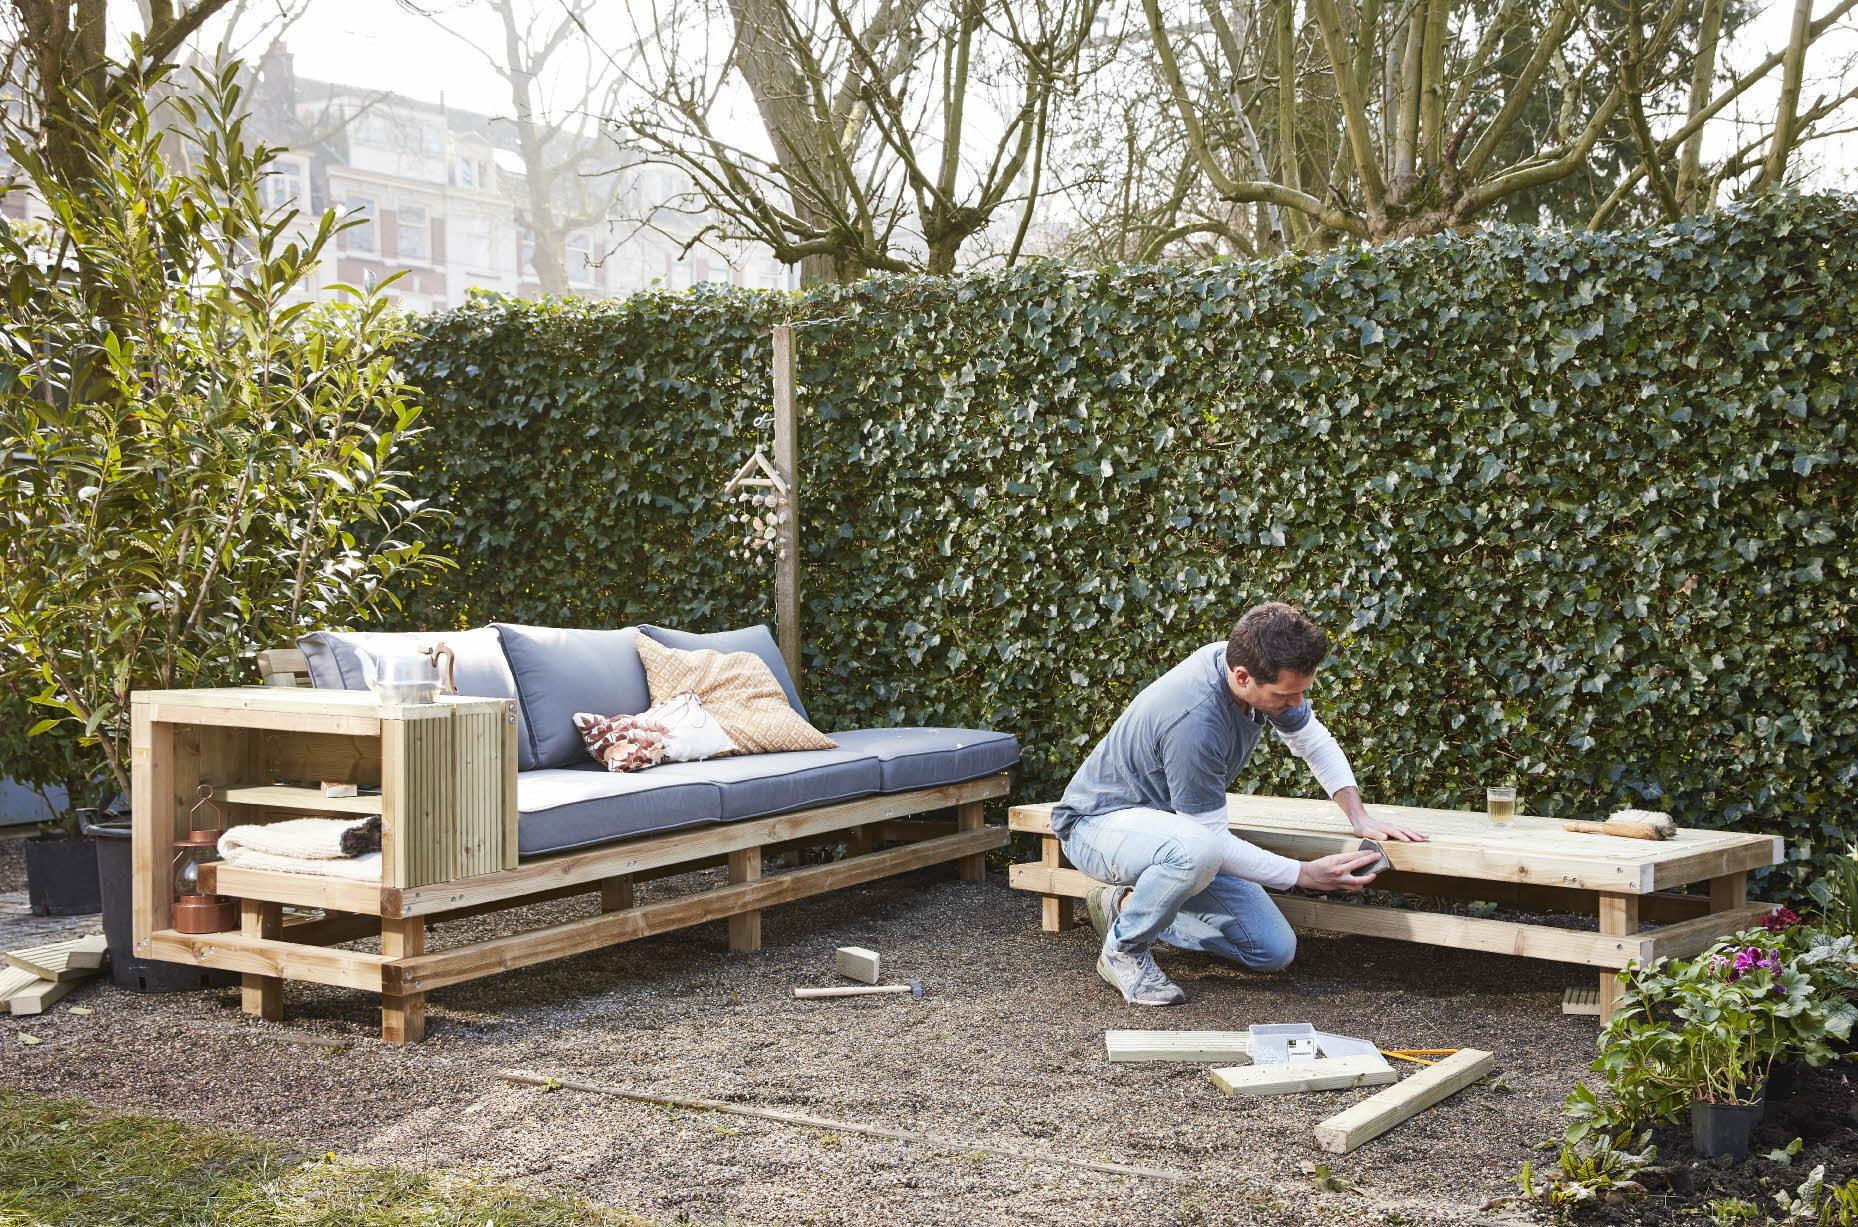 tuinmeubel maken inspiratie voor tuinmeubels praxis blog